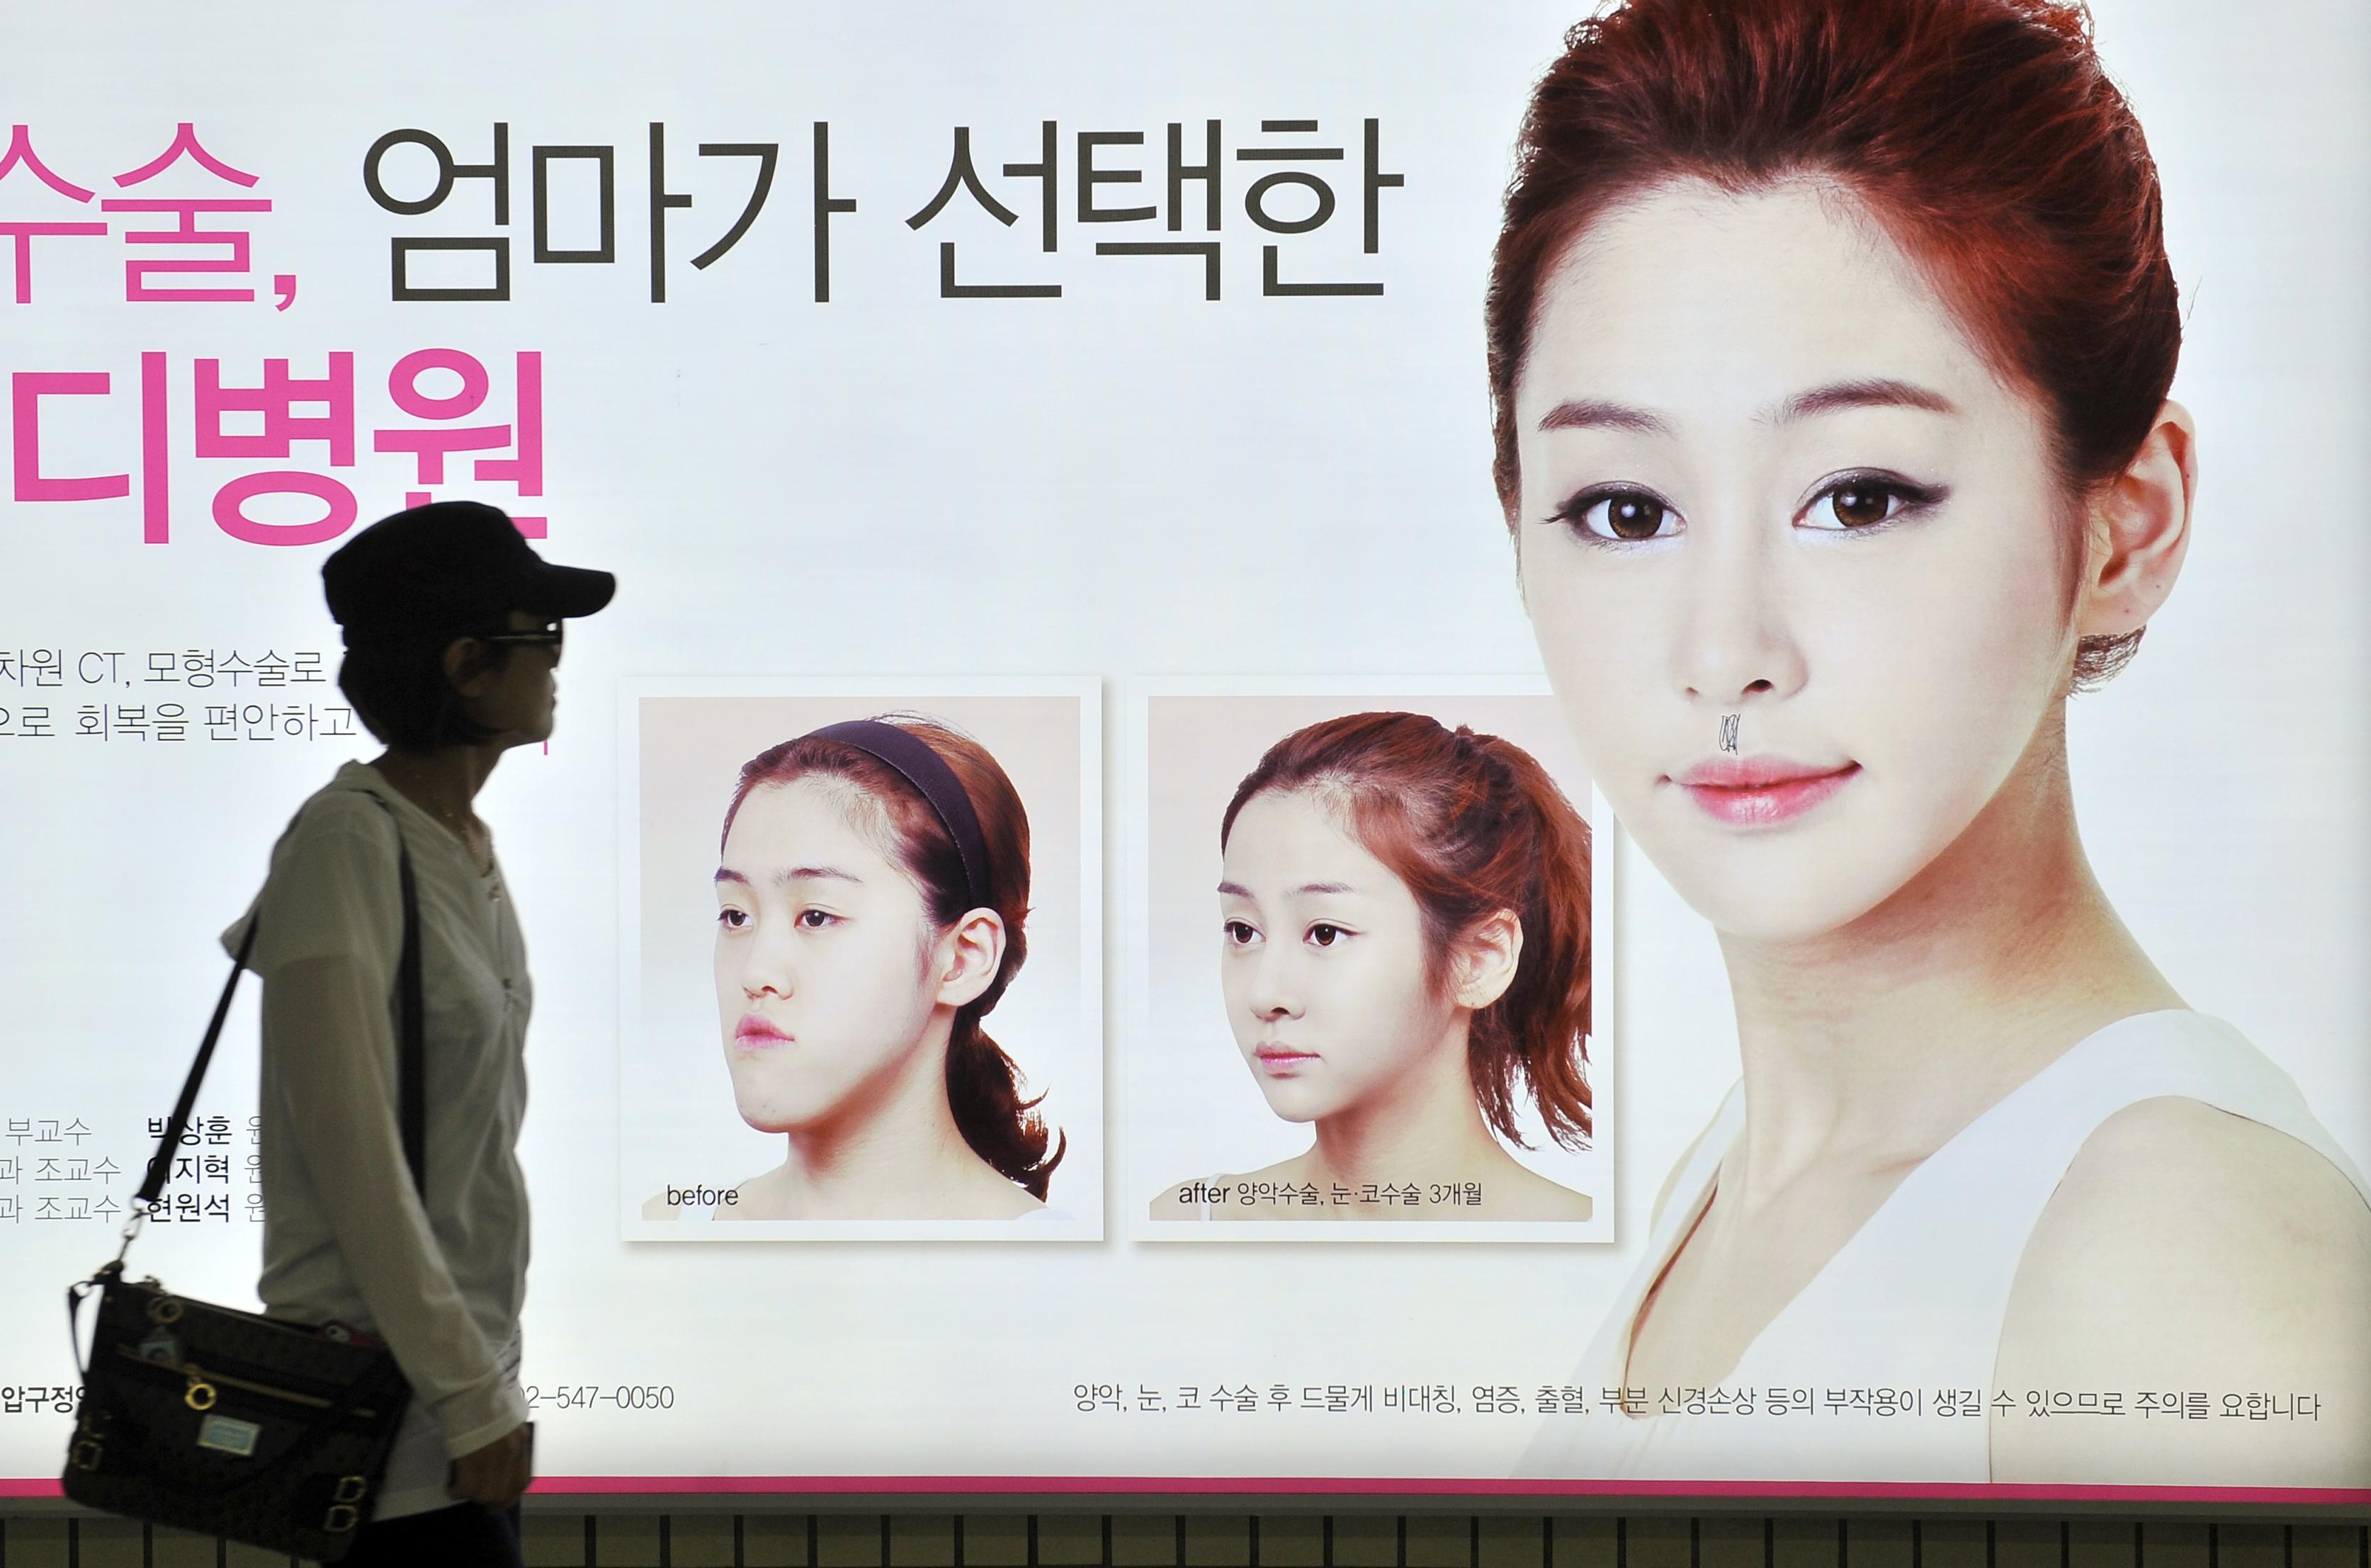 korean matchmaking duo